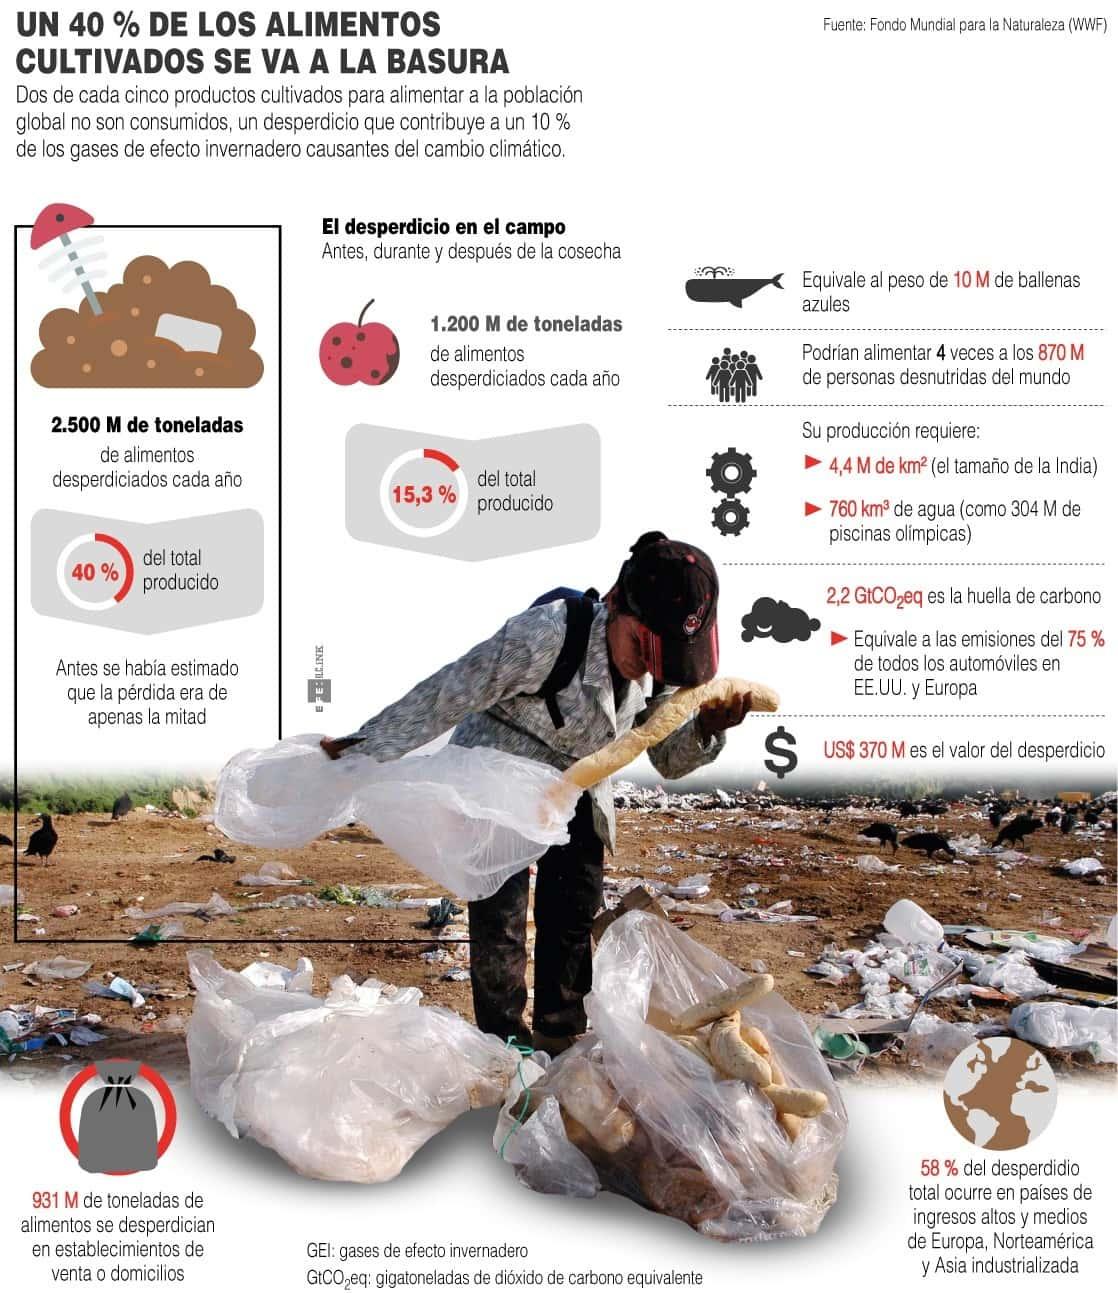 [Infografía] Un 40 % de los alimentos cultivados se va a la basura